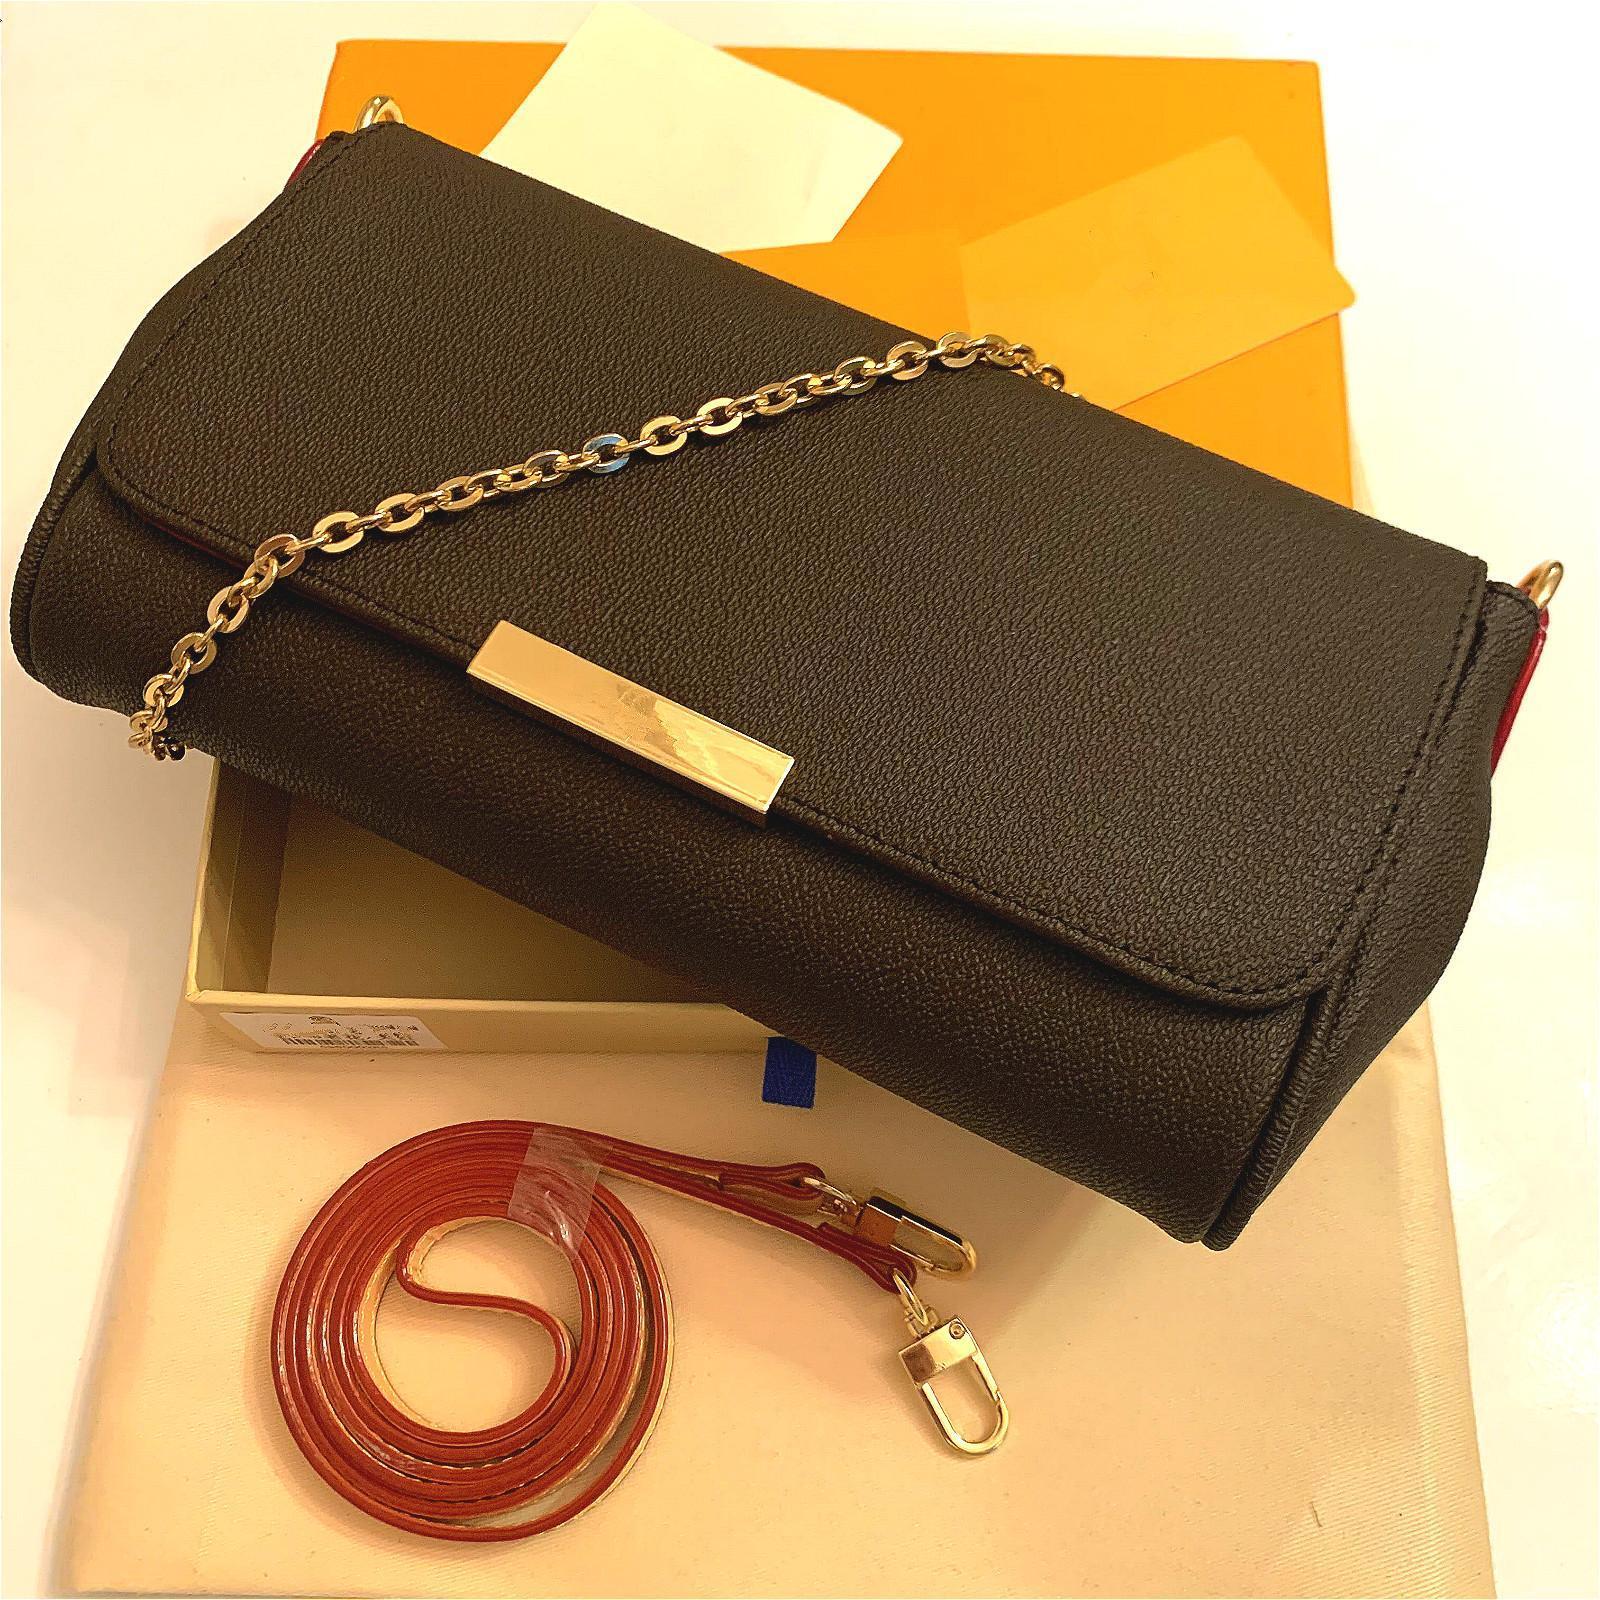 Женский мессенджер Crossbody мужская сумка для моды мода мужские сумки дизайнеры на плечо леди сумки роскоши рюкзак сумка сумки кошелек PAAPC